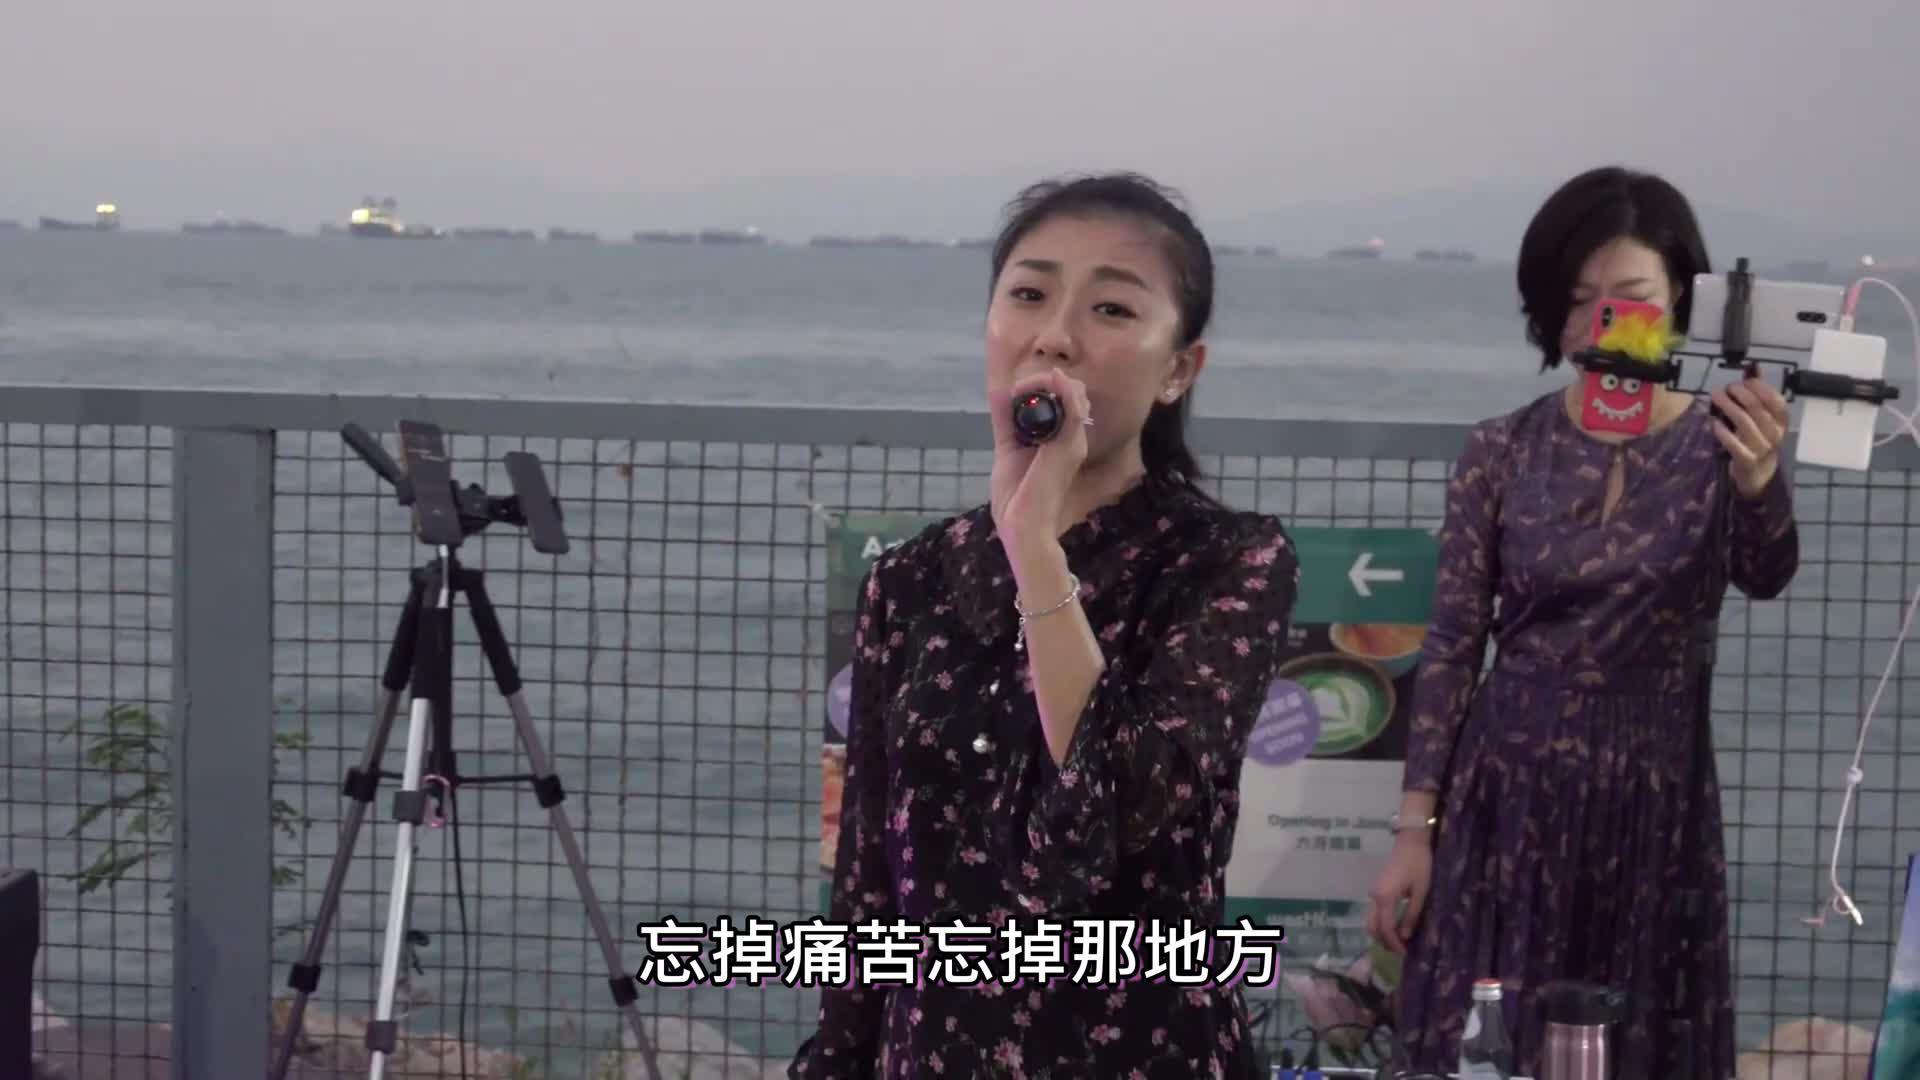 女歌手龙婷助手阿晶献唱《张三的歌》好听,粉丝打赏很多红包钞票